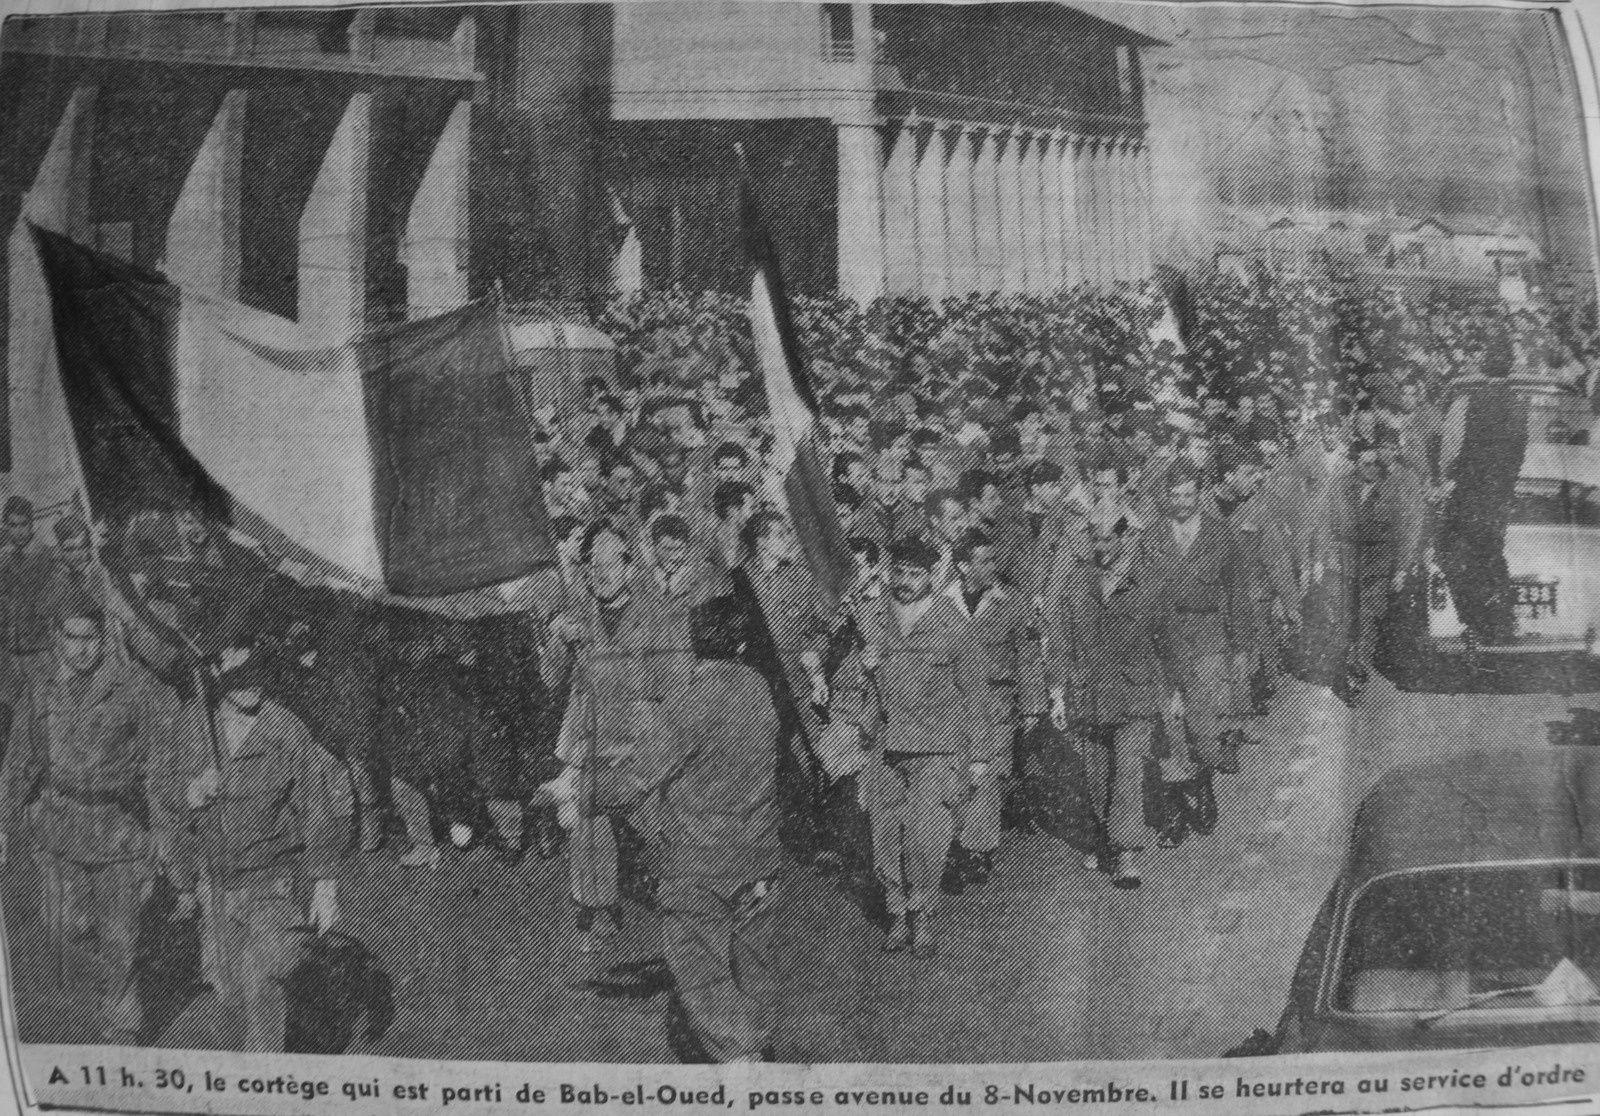 Journées des barricades